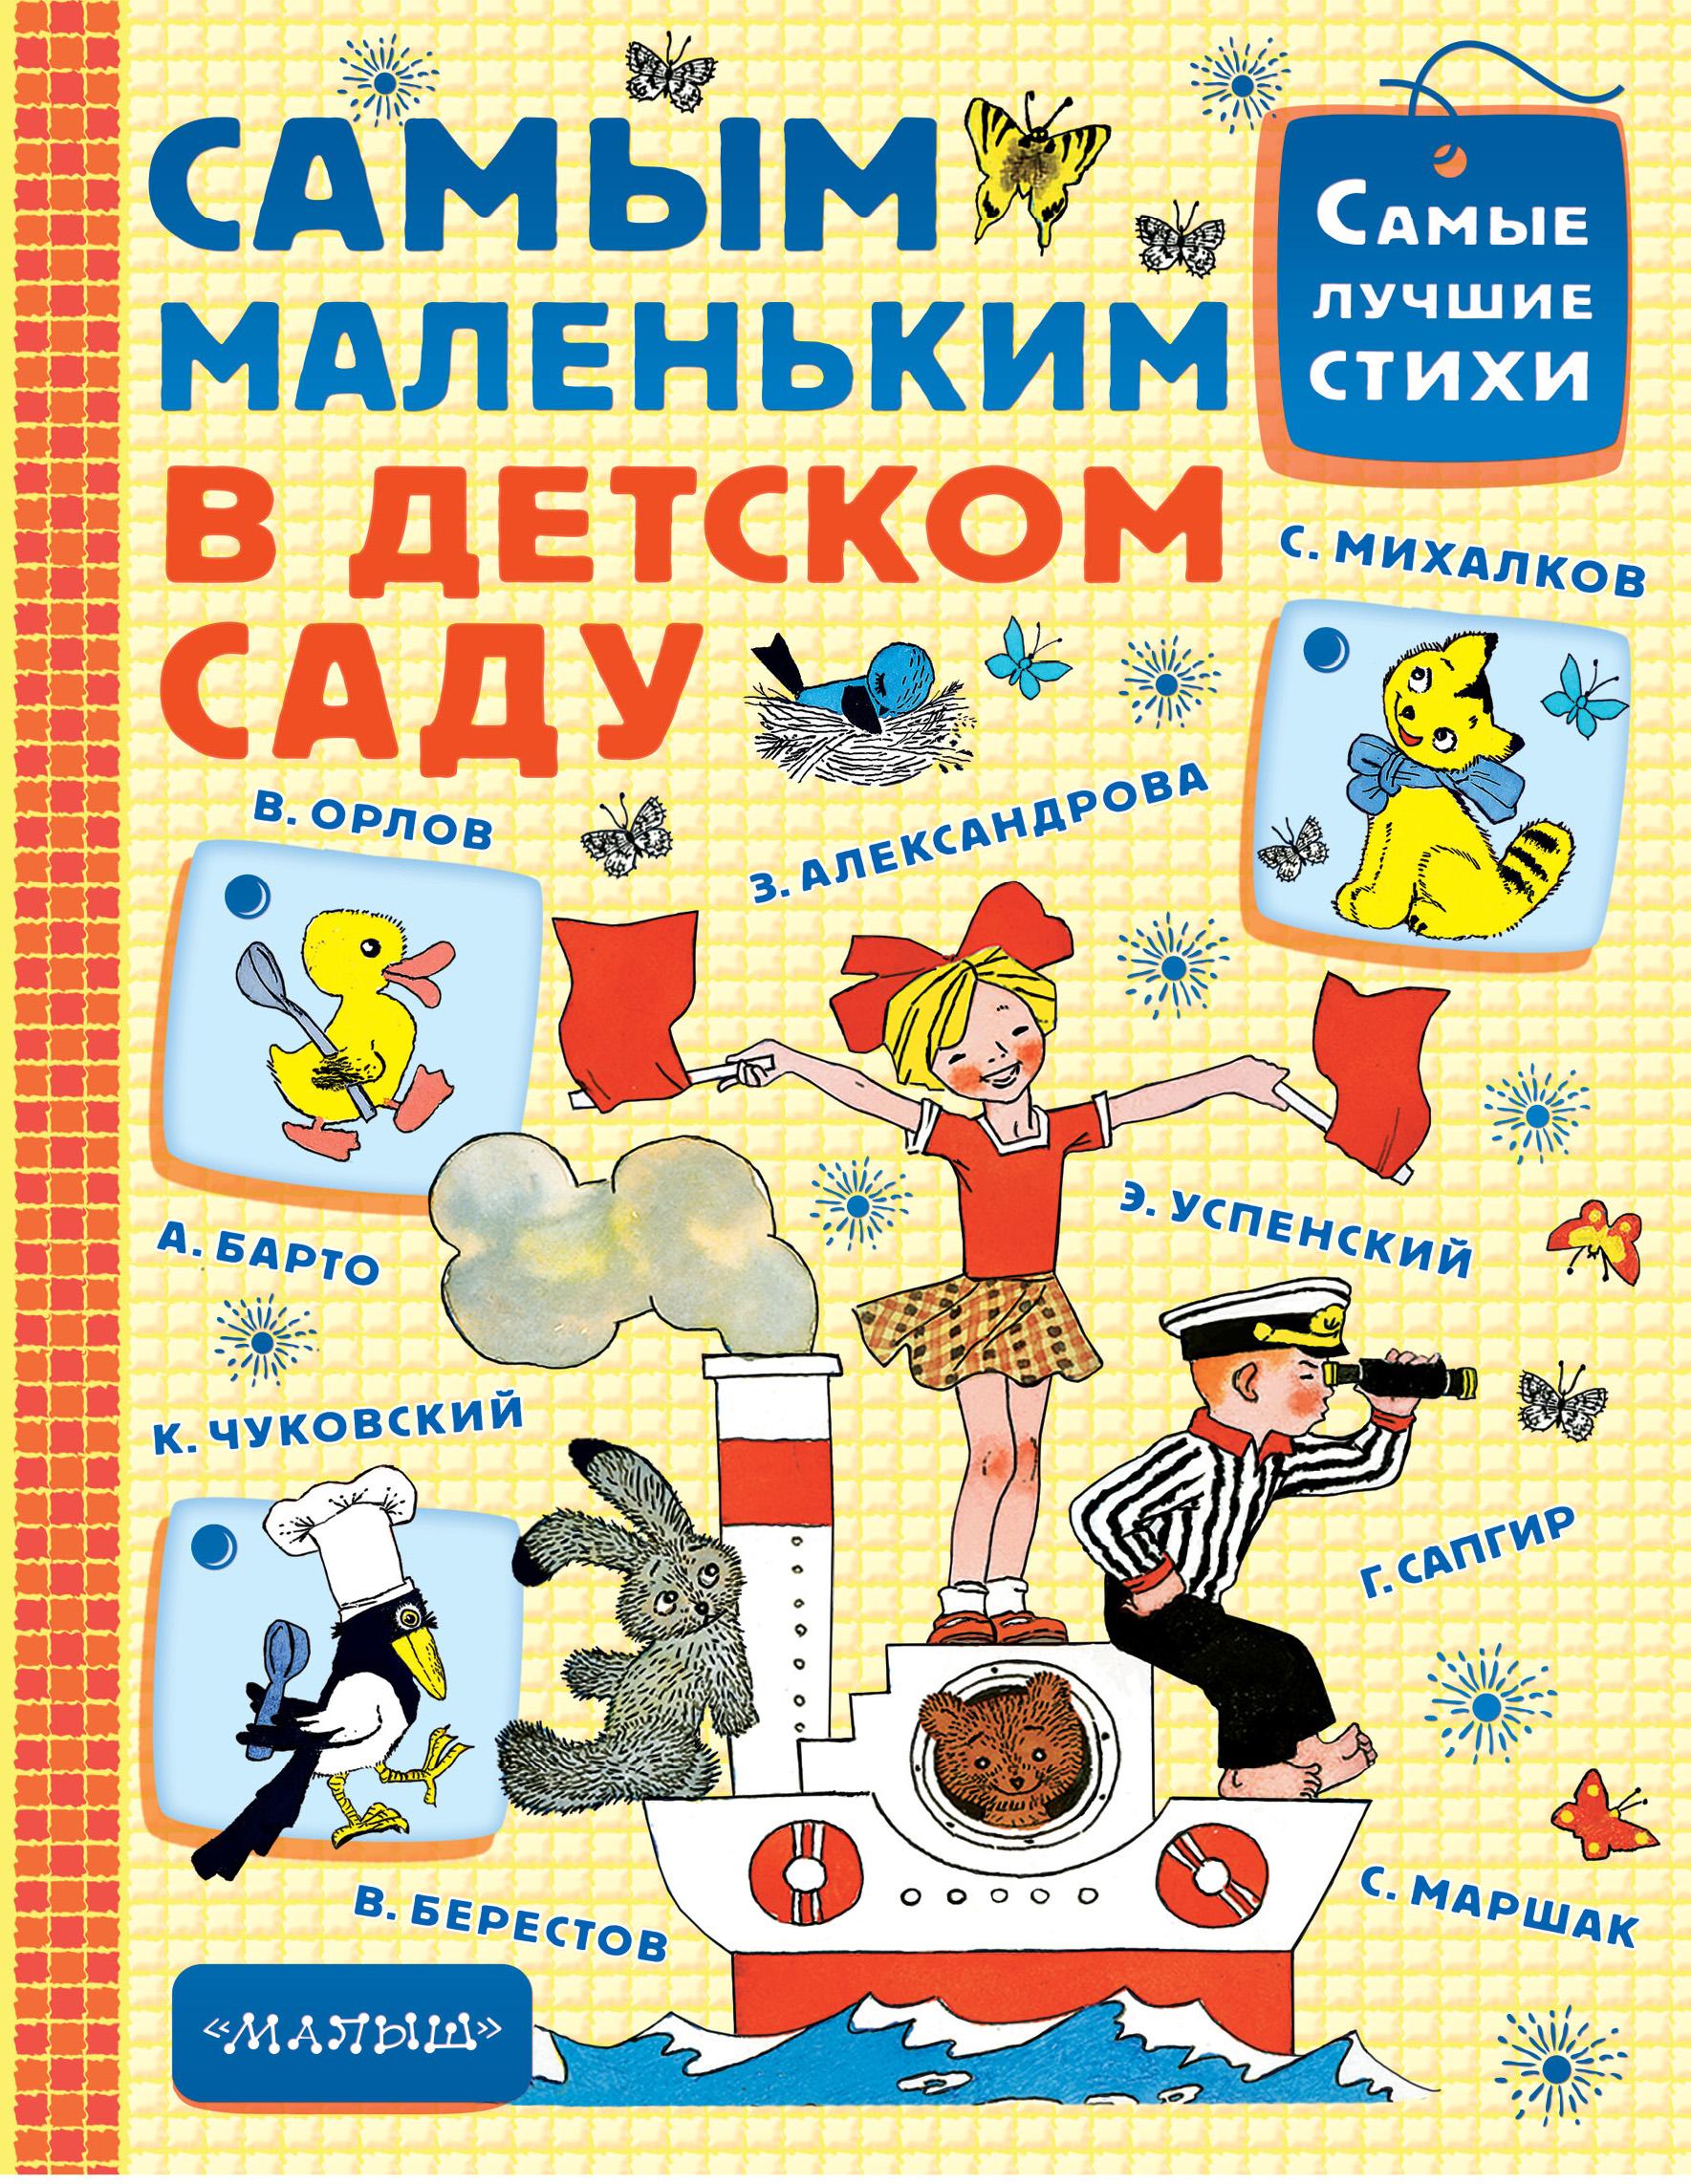 . Самым маленьким в детском саду стихи для детей